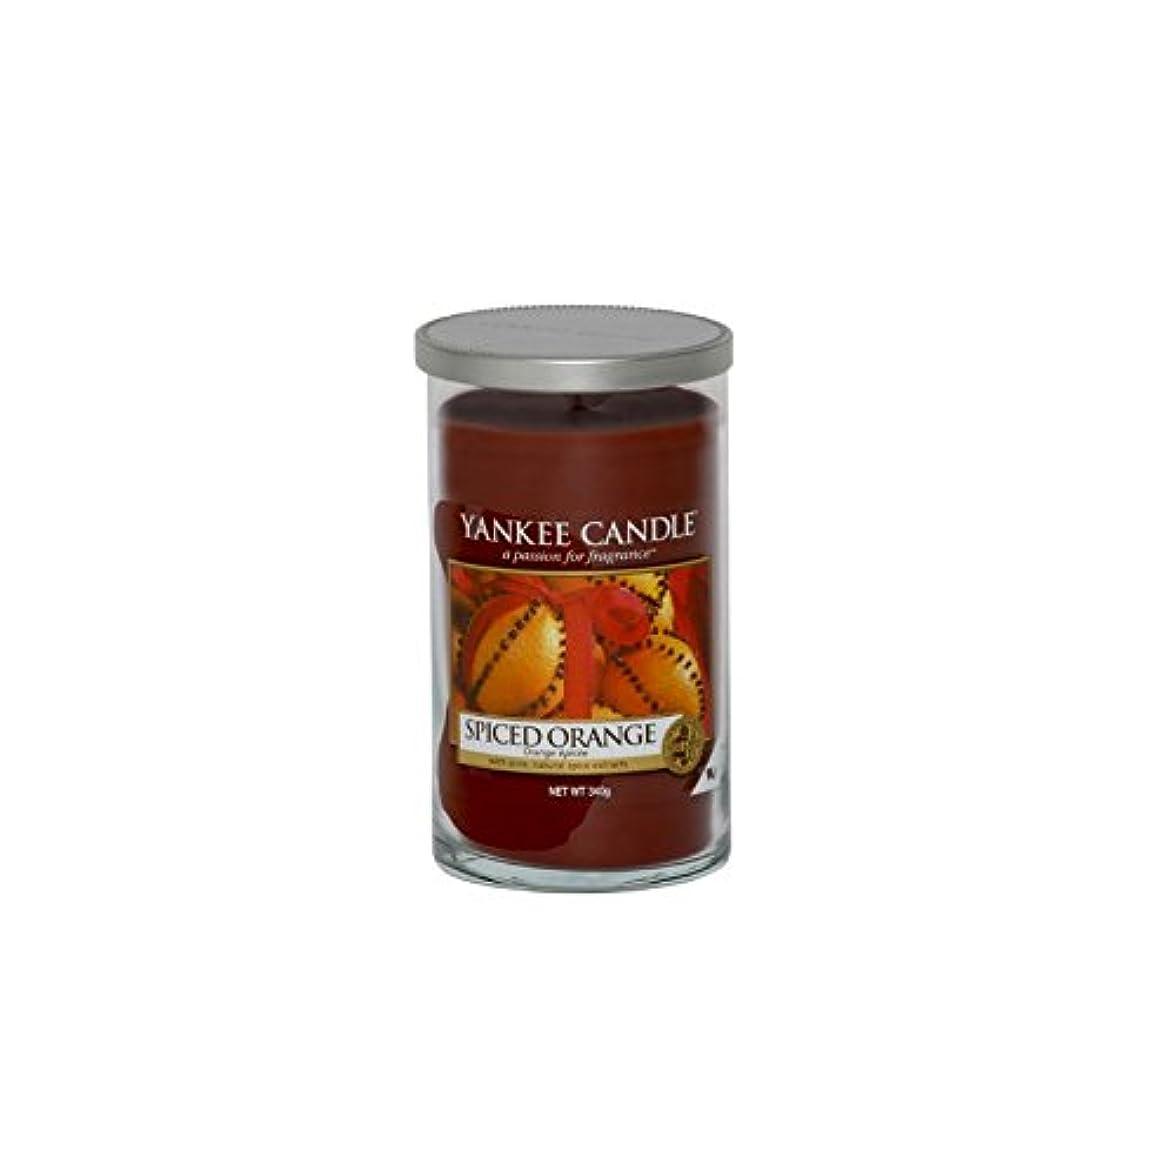 バクテリア情熱的非難Yankee Candles Medium Pillar Candle - Spiced Orange (Pack of 6) - ヤンキーキャンドルメディアピラーキャンドル - スパイスオレンジ (x6) [並行輸入品]